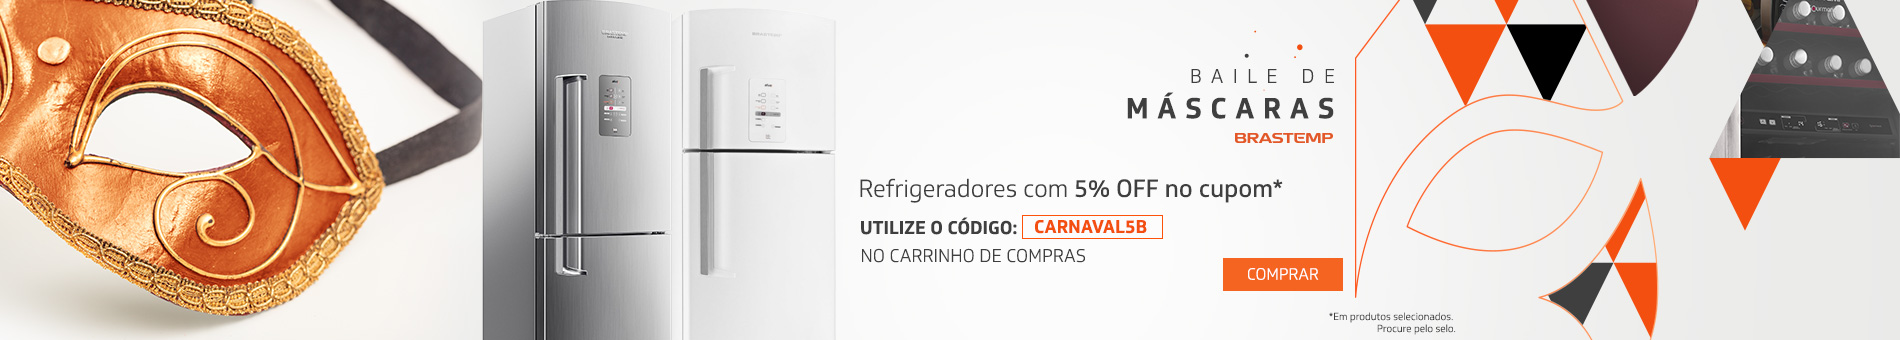 Promoção Interna - 1469 - baile2_refri-5cupom_27022017_home1 - refri-5cupom - 1